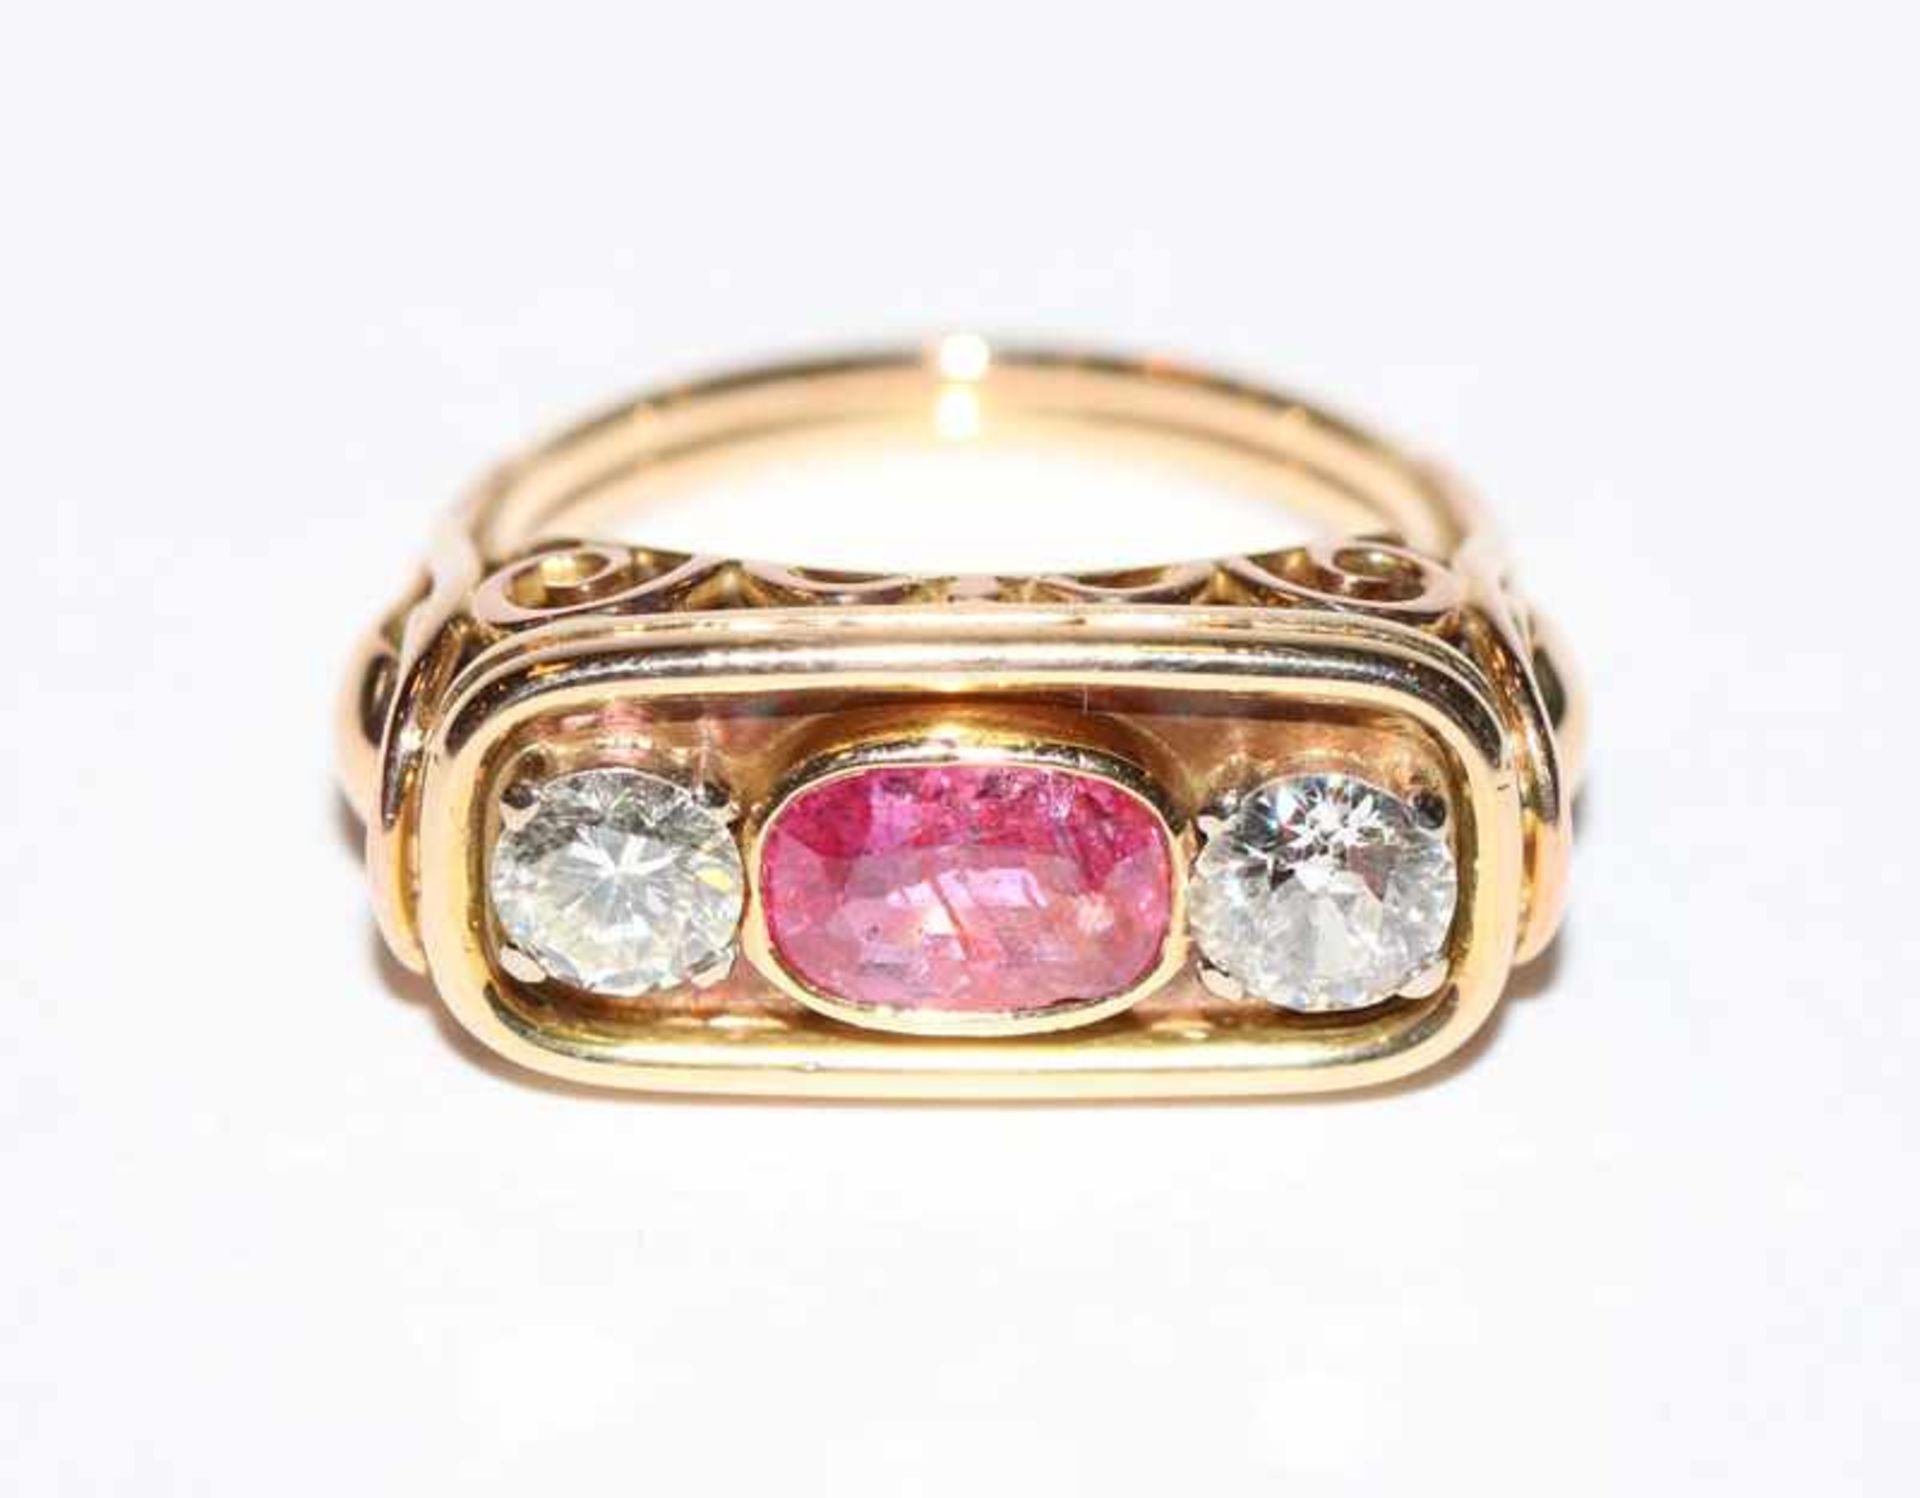 14 k Gelbgold Ring mit Rubin, 1,2 ct., und 2 Altschliff-Diamanten, Wess/VS, 1,22 ct., klassische